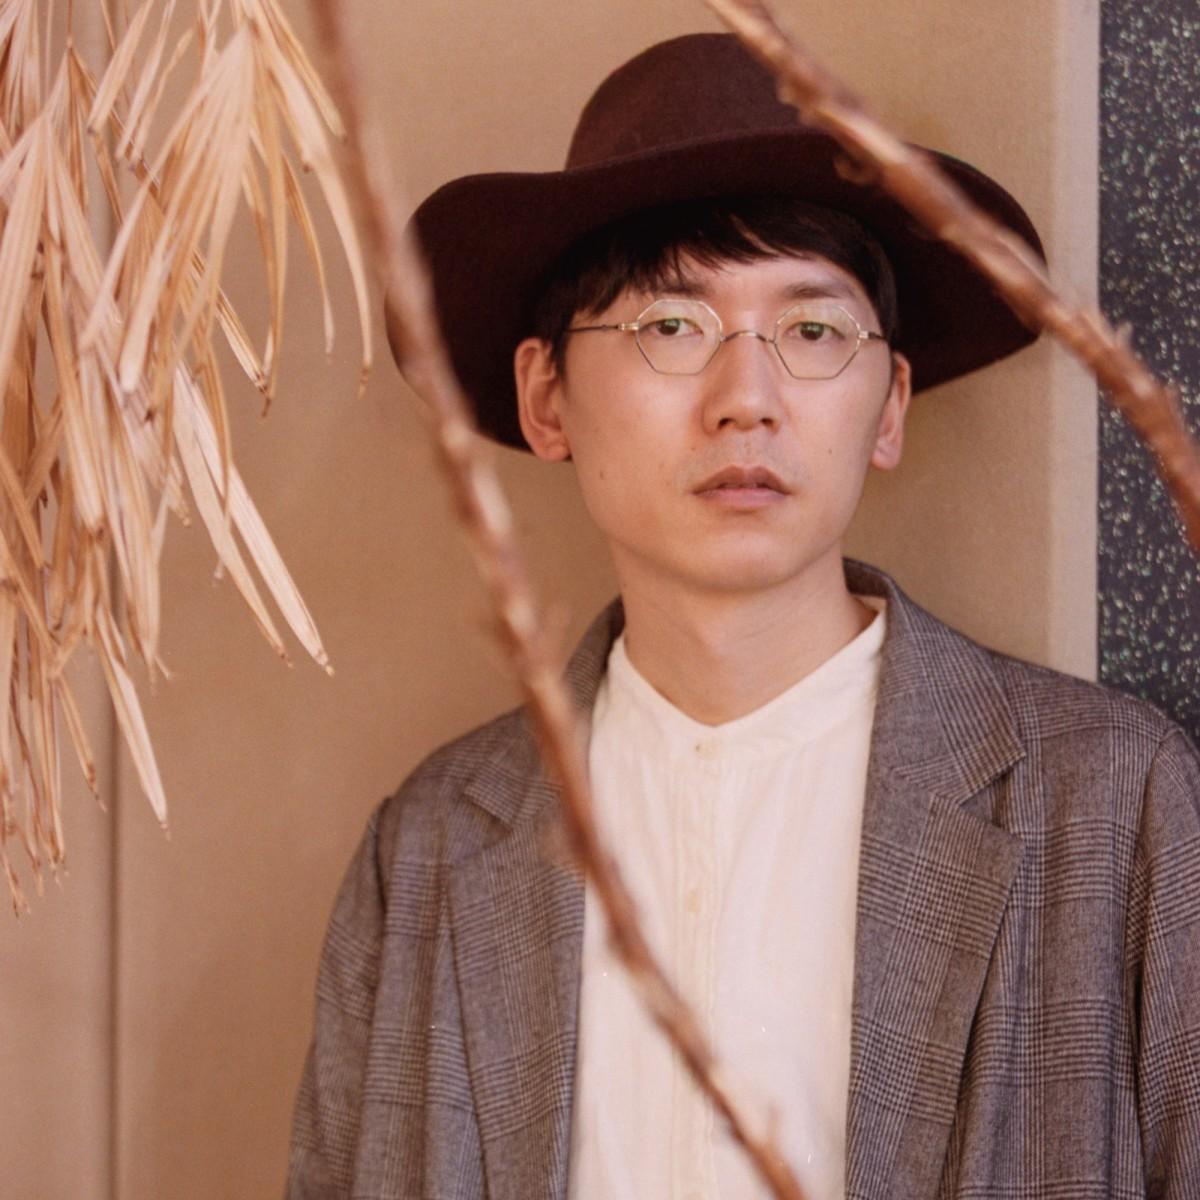 6月の「トークストリーミング」出演者の一人、Kan Sanoさん